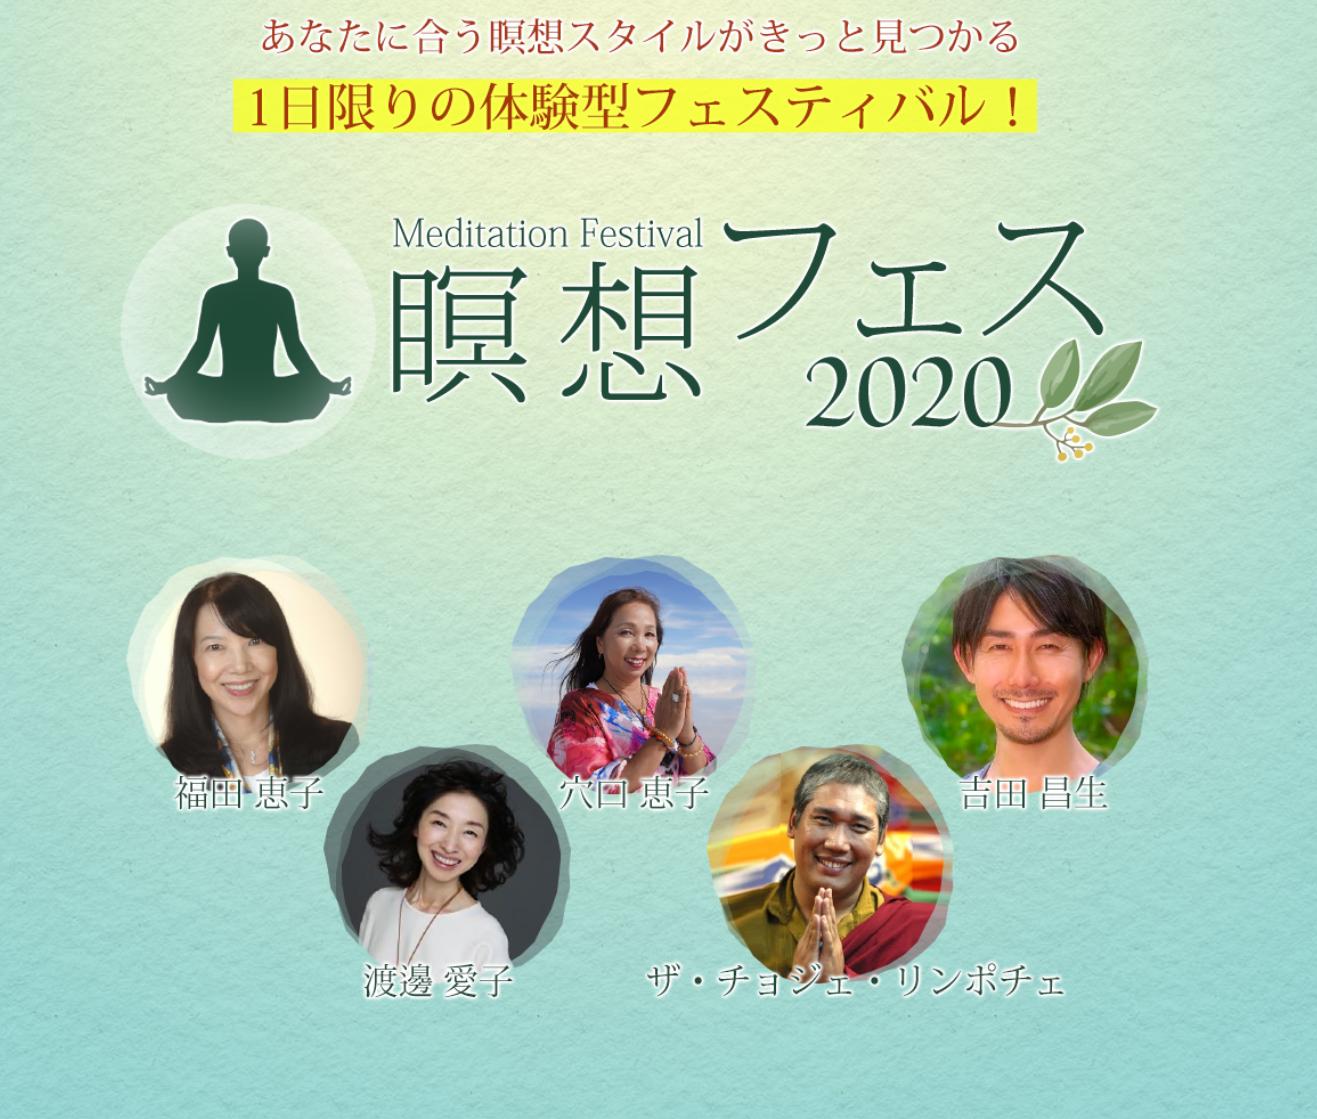 瞑想フェス2020に登壇します!8/18(火)【Online視聴9/18迄】